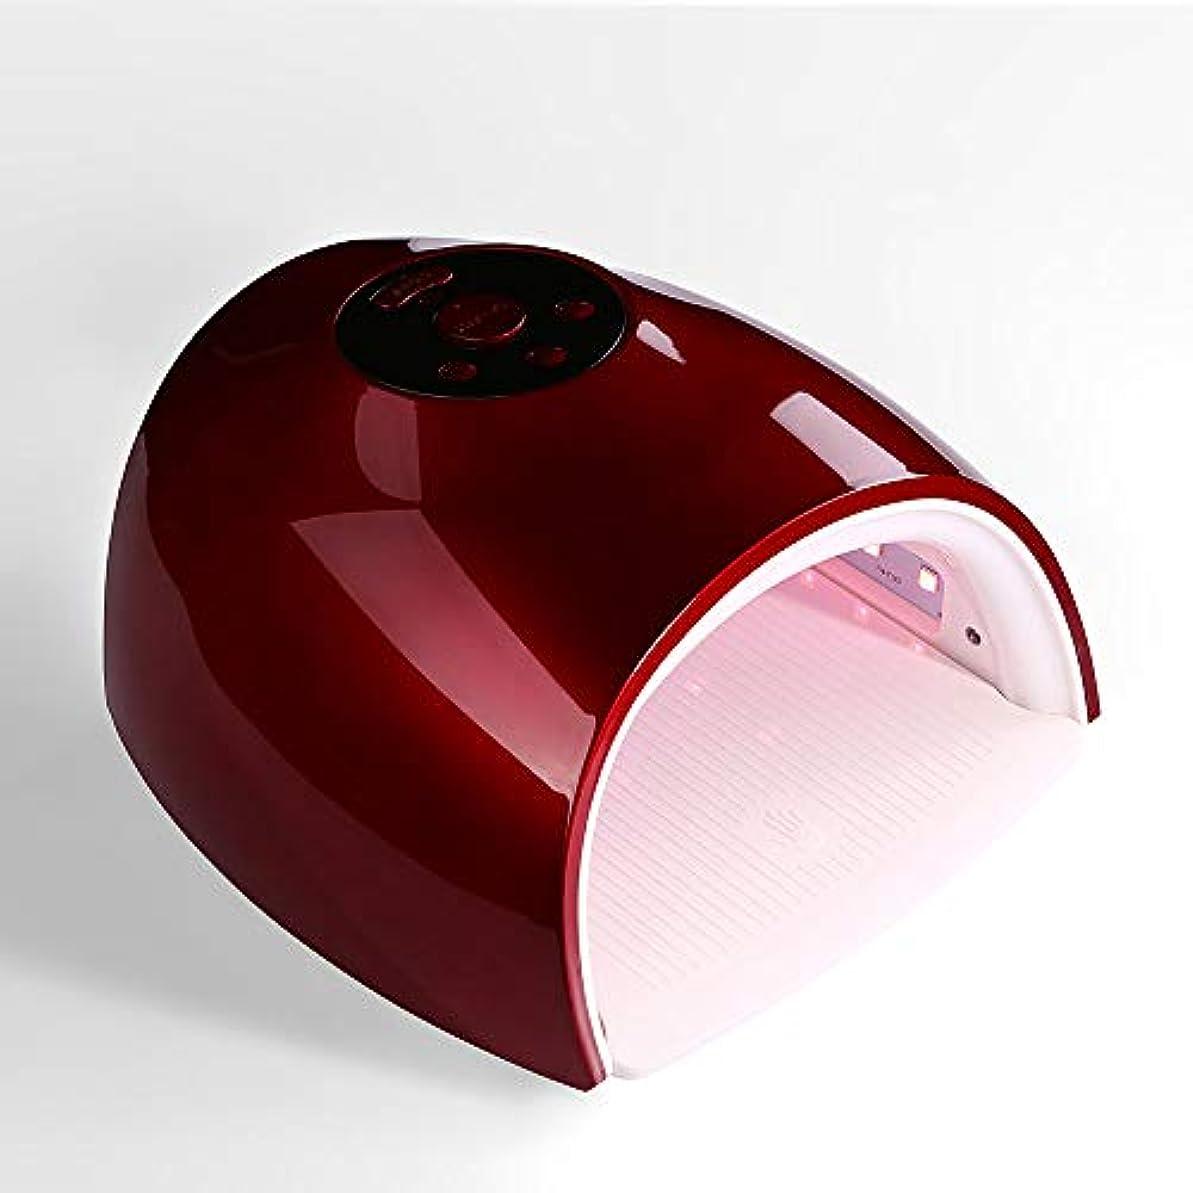 押す北西急勾配の釘ドライヤー - 自動赤外線センサー、二重光源のLedランプのゲルのドライヤーのマニキュアが付いている紫外線携帯用Ledの釘ランプ